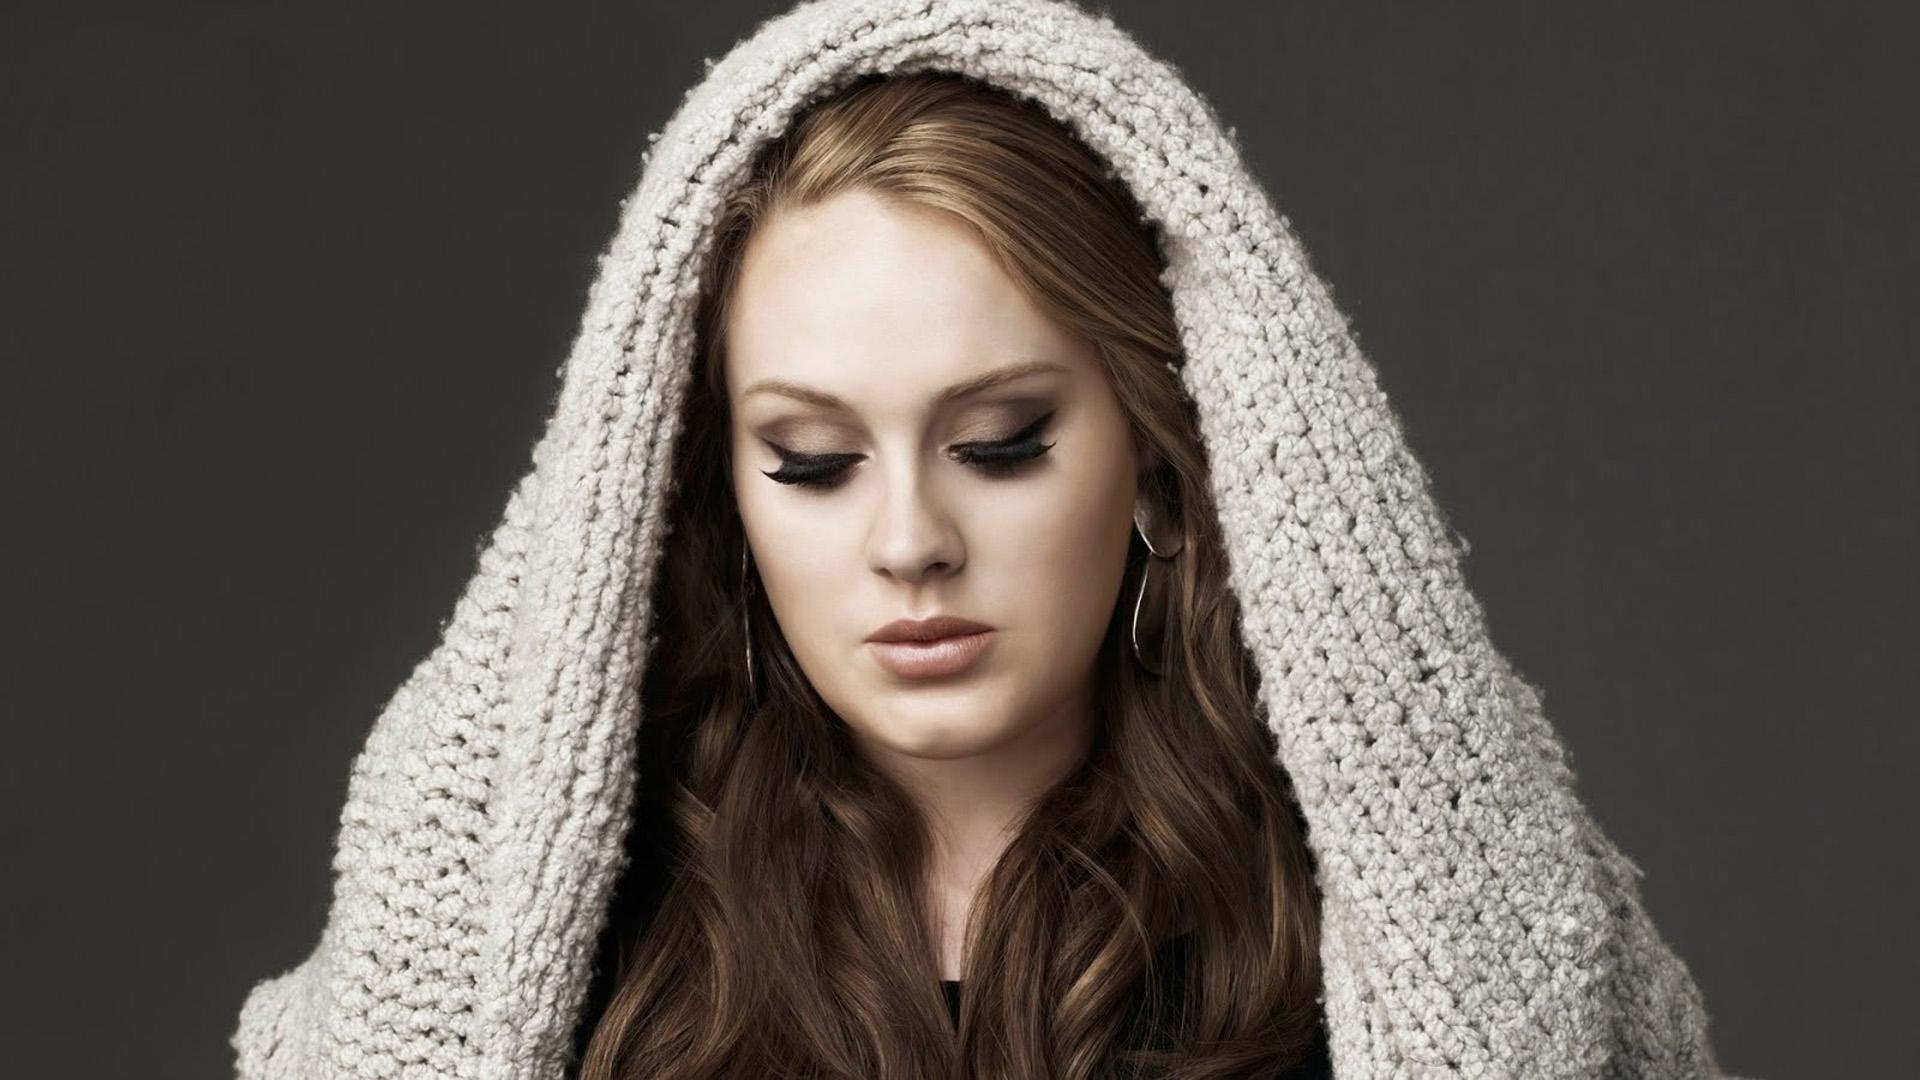 Adele Adkins 2014 Download